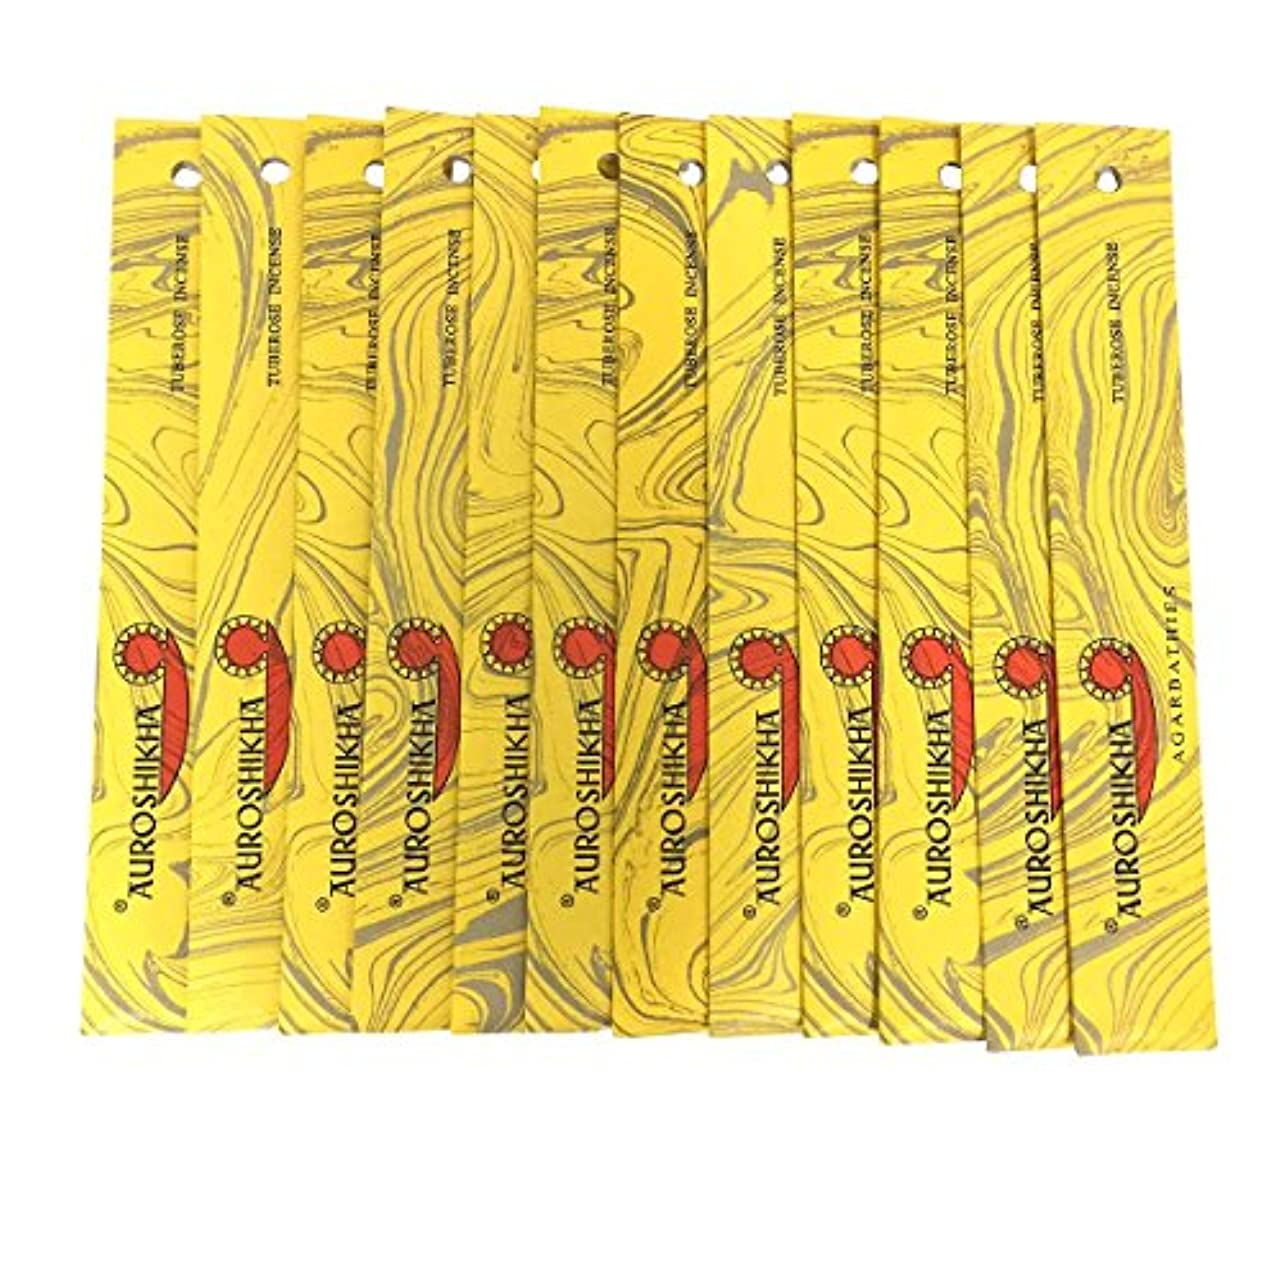 著者偶然ボートAUROSHIKHA オウロシカ(TUBEROSEチューベローズ12個セット) マーブルパッケージスティック 送料無料